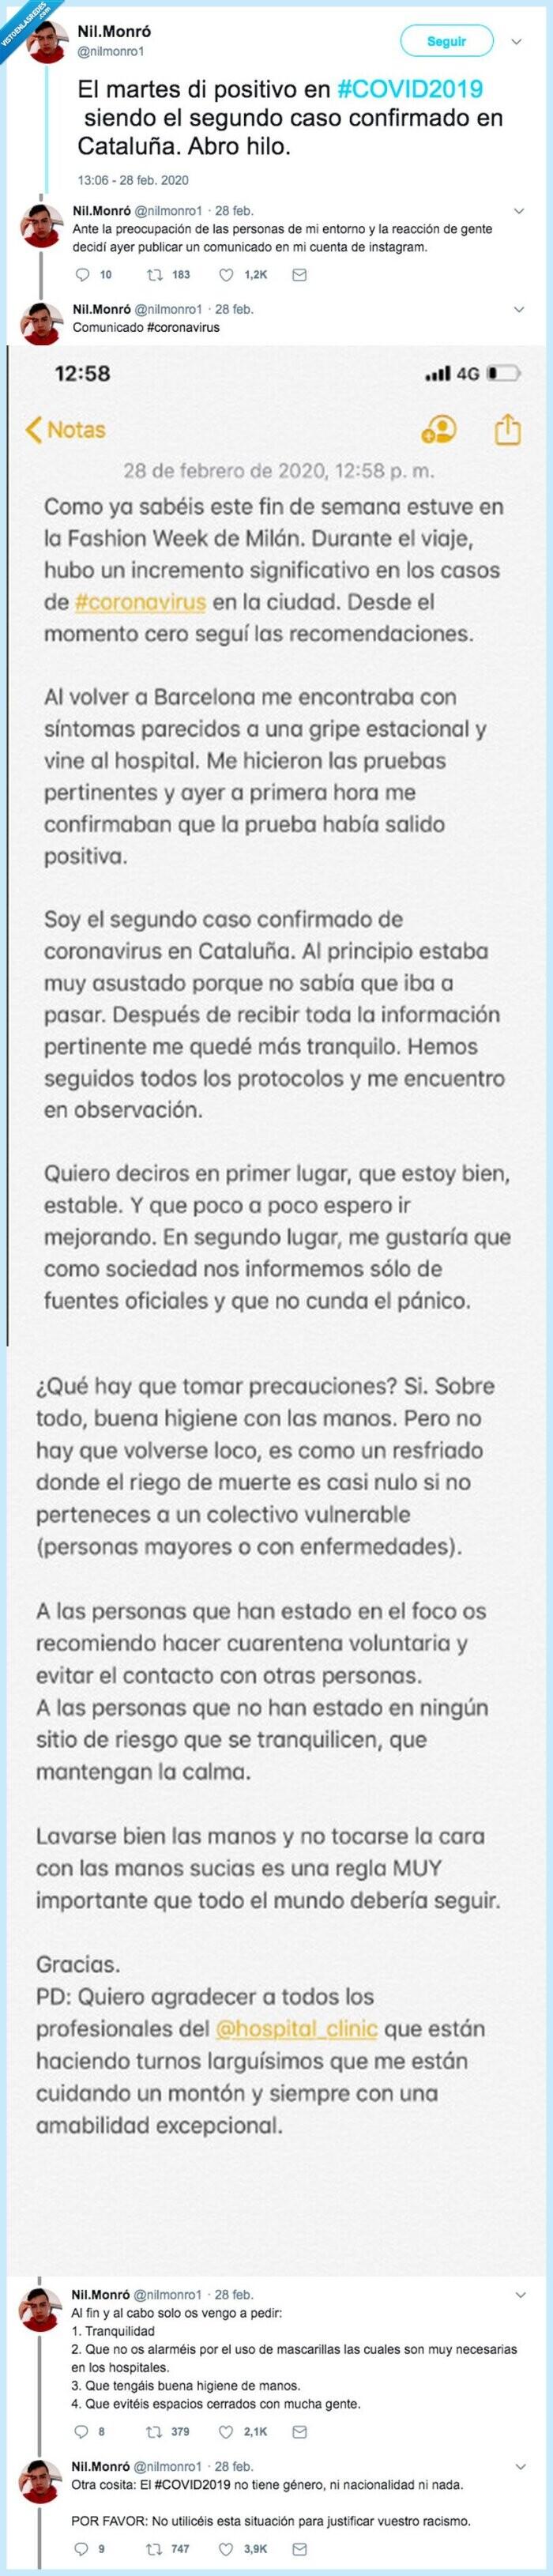 1526 - El segundo caso positivo de coronavirus en España explica su experiencia para todos. Vía @nilmonro1